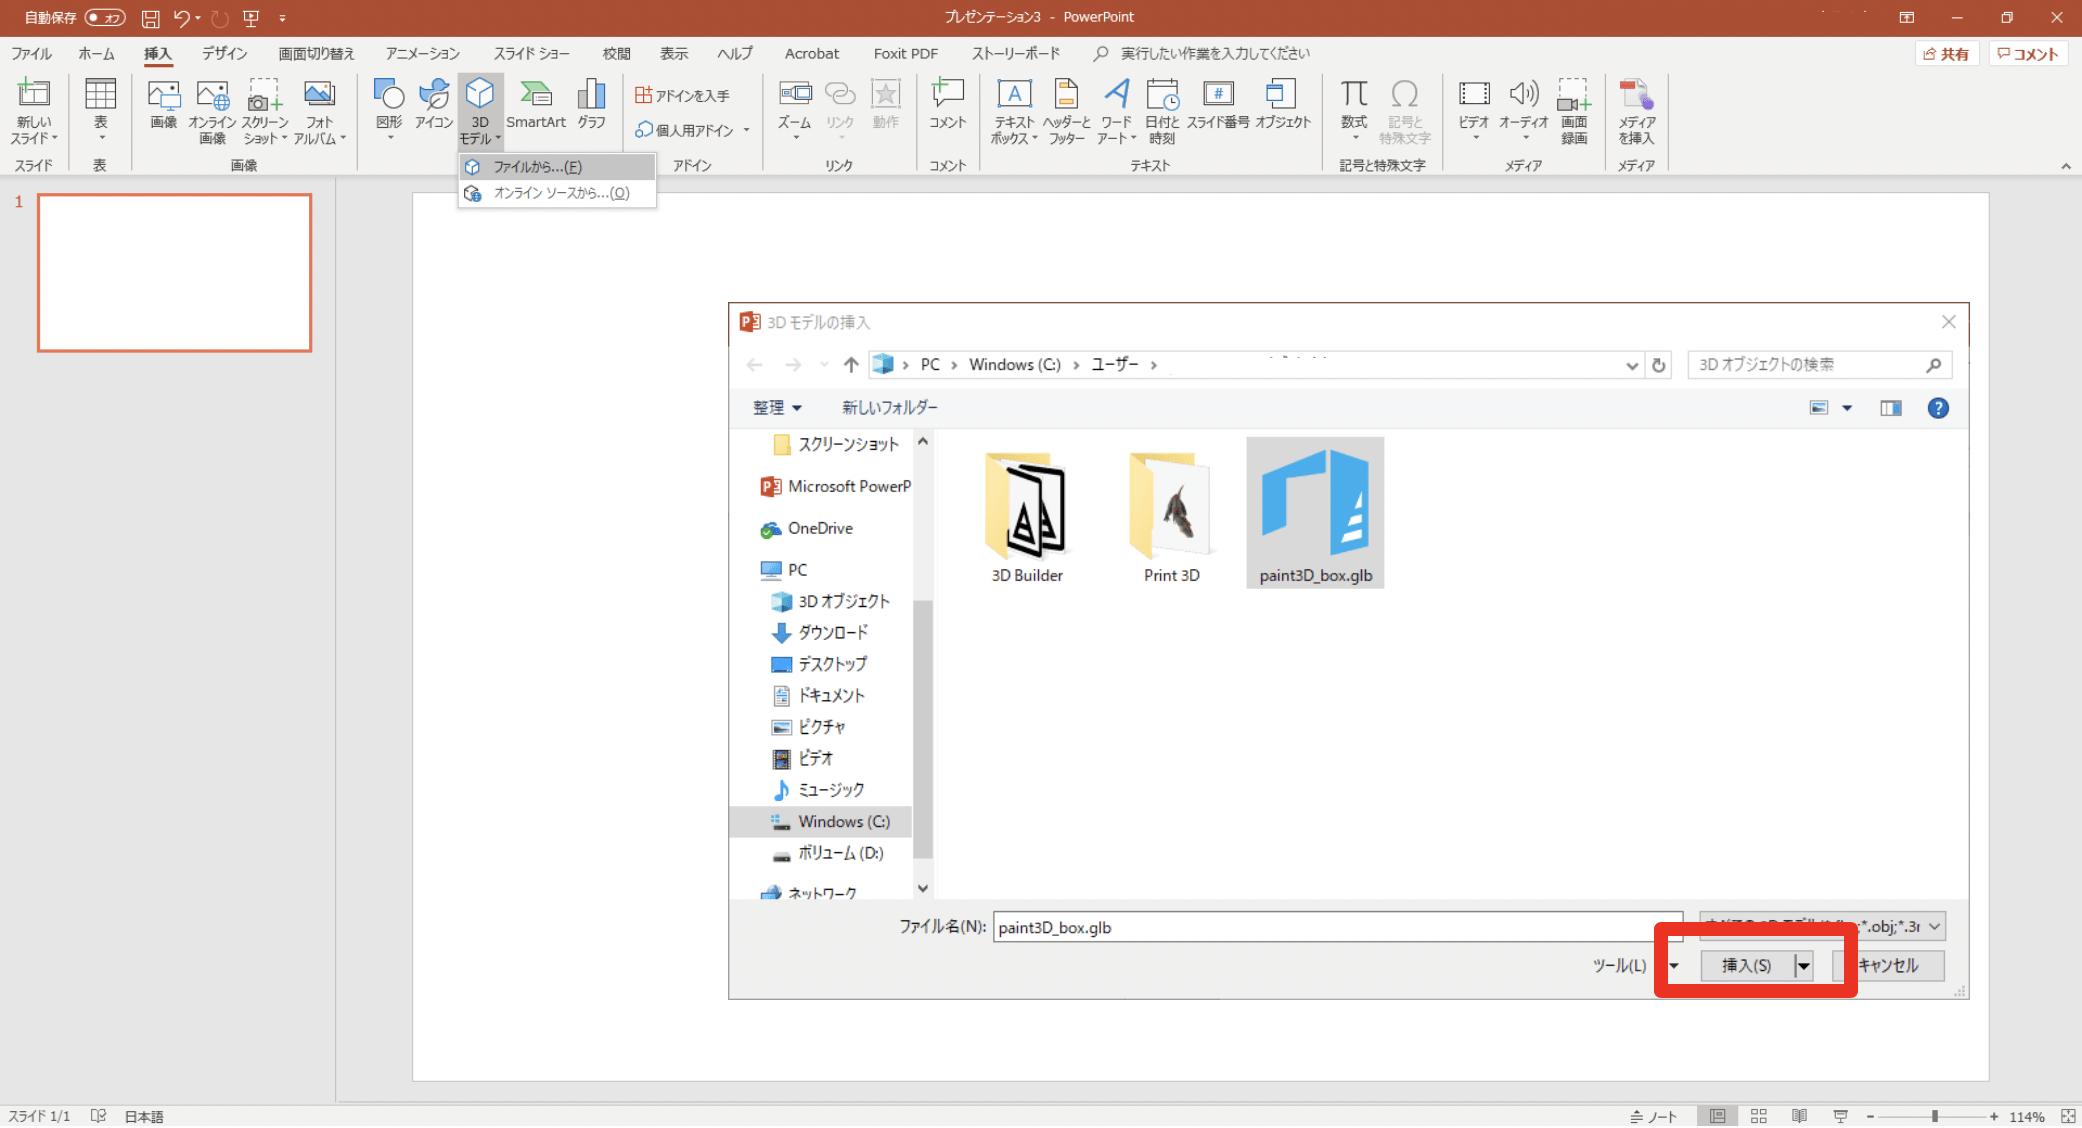 ペイント 3Dで作成したファイルを選択して「挿入」をクリック